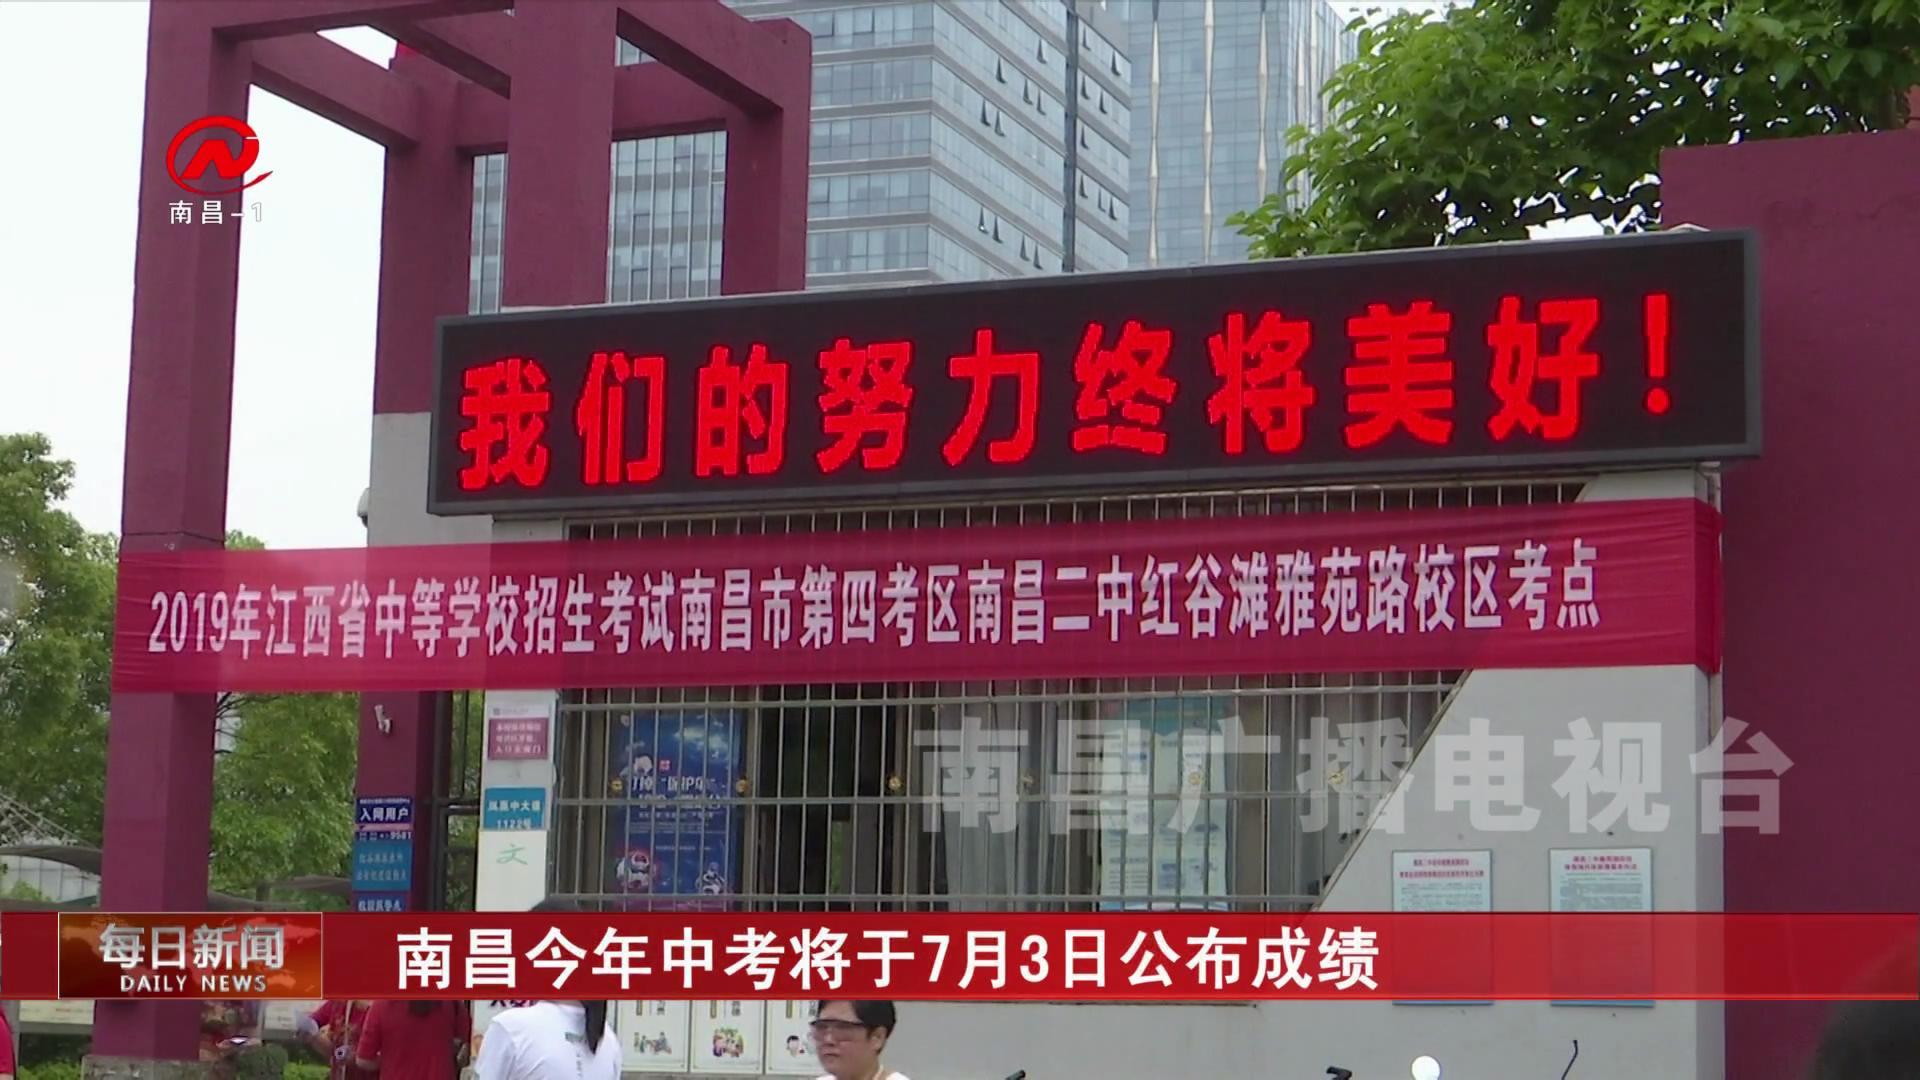 南昌今年中考将于7月3日公布成绩